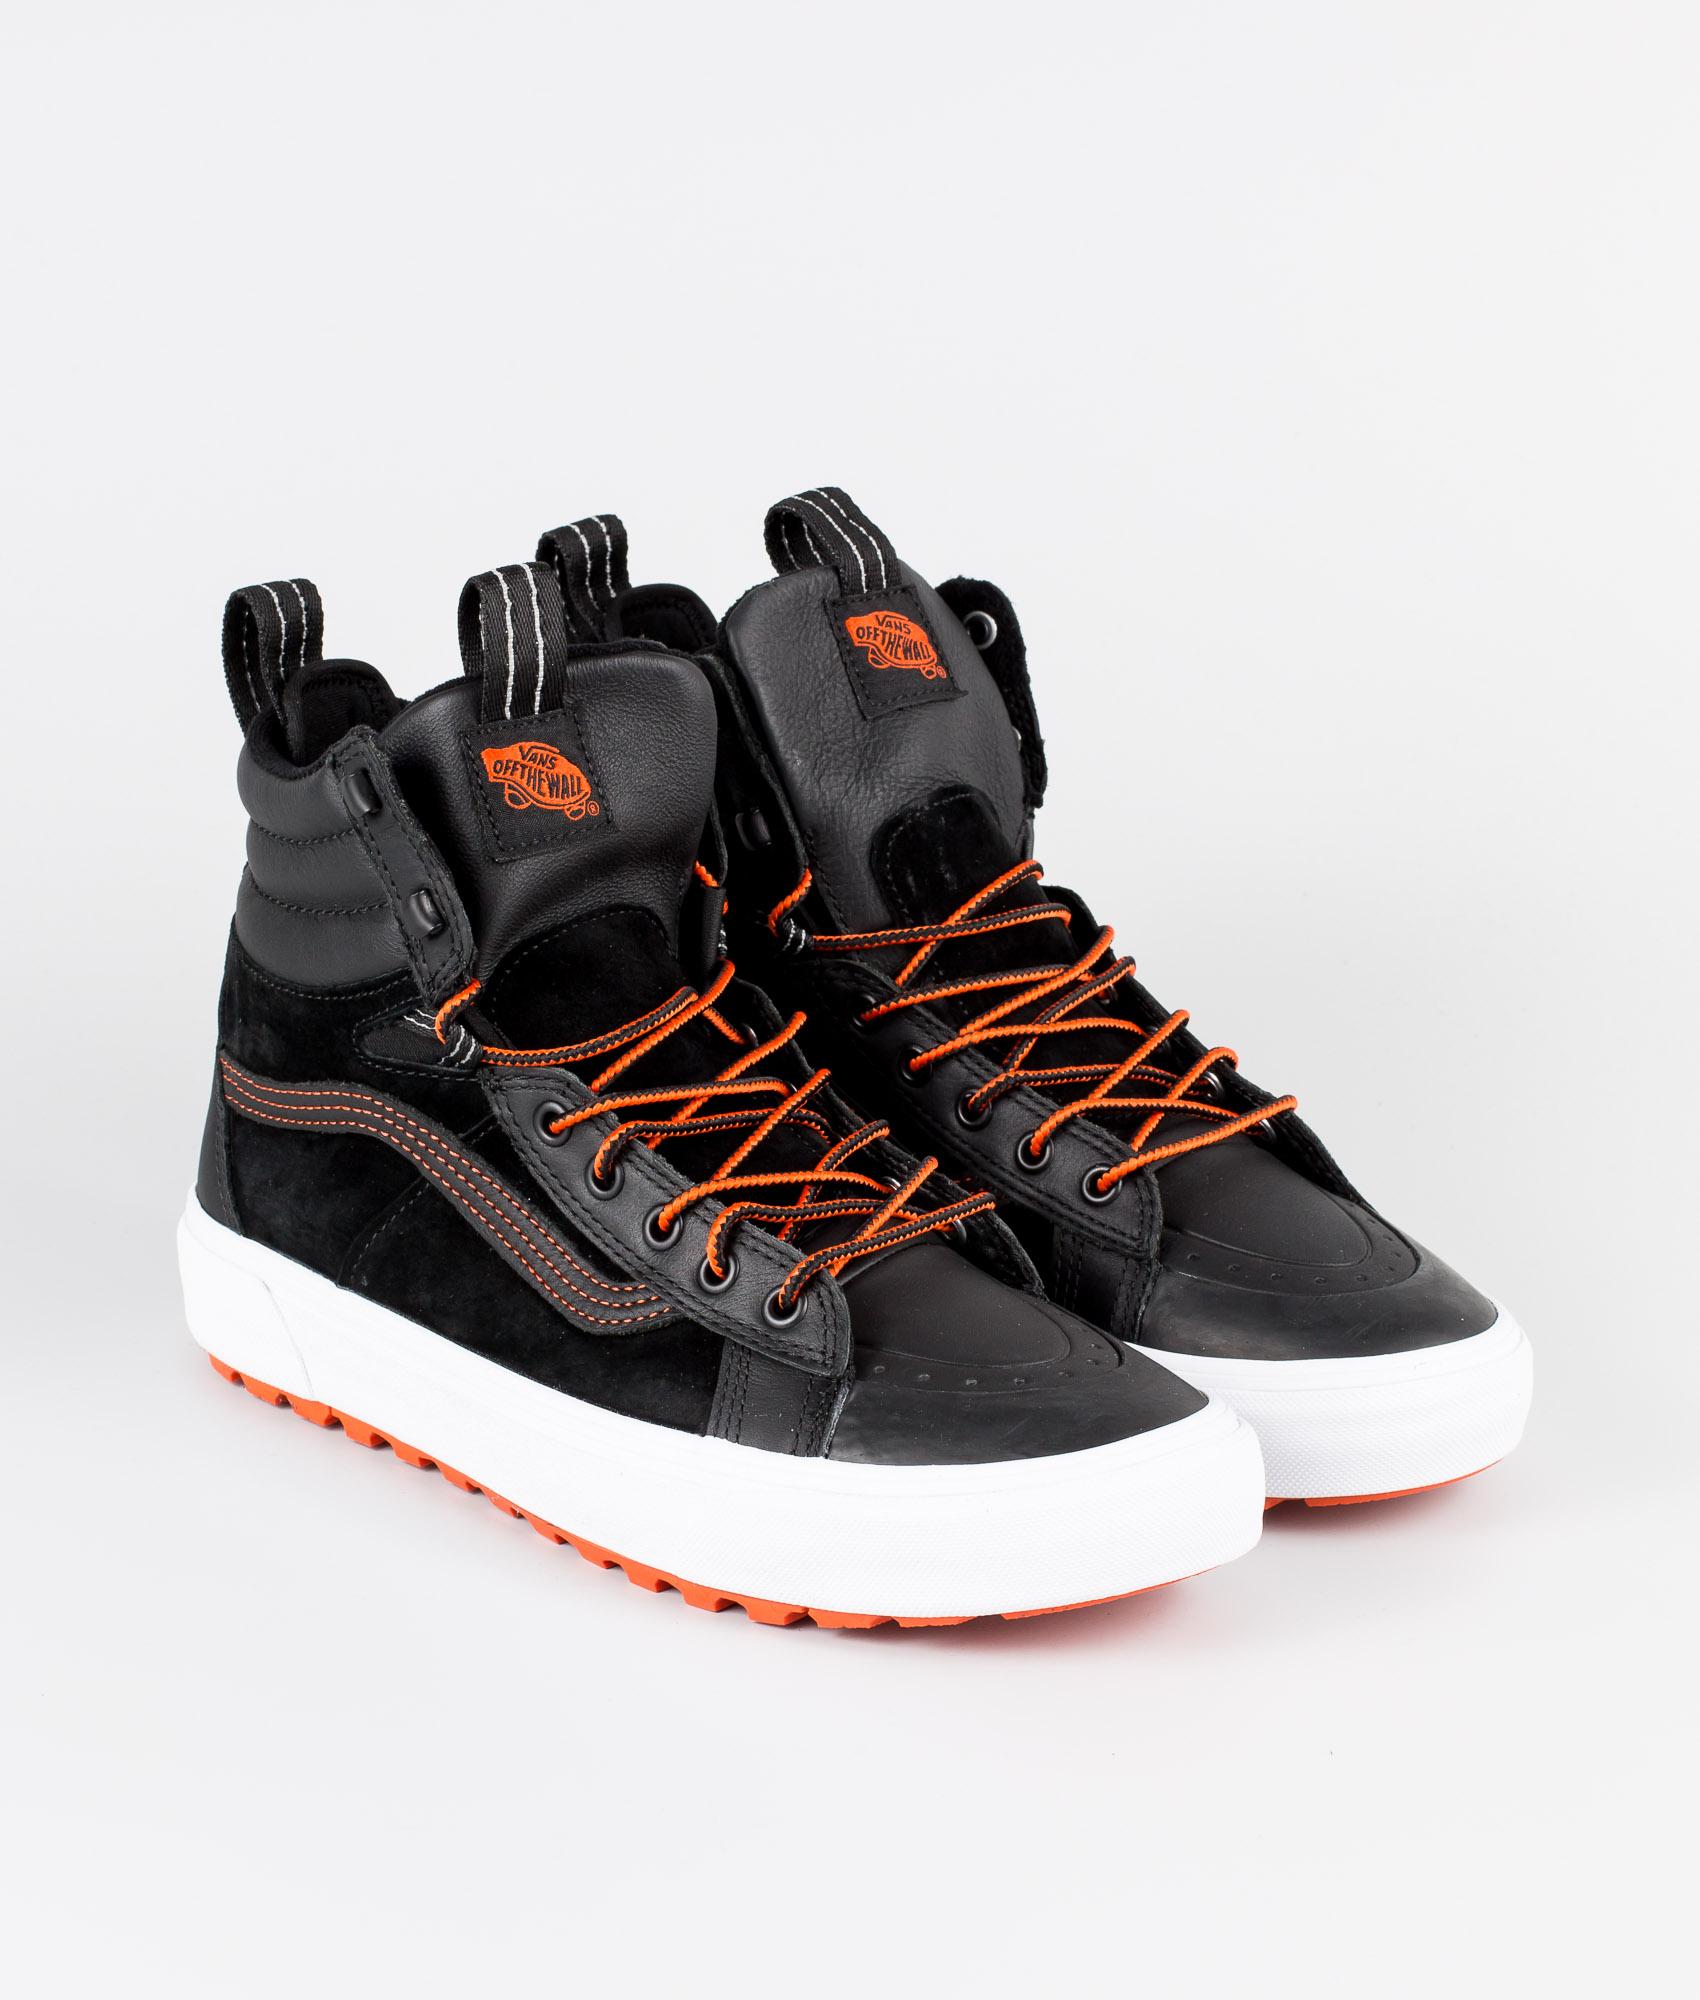 Vans Sk8 Hi Boot MTE 2.0 Dx Skor (MTE) BlackSpicy Orange